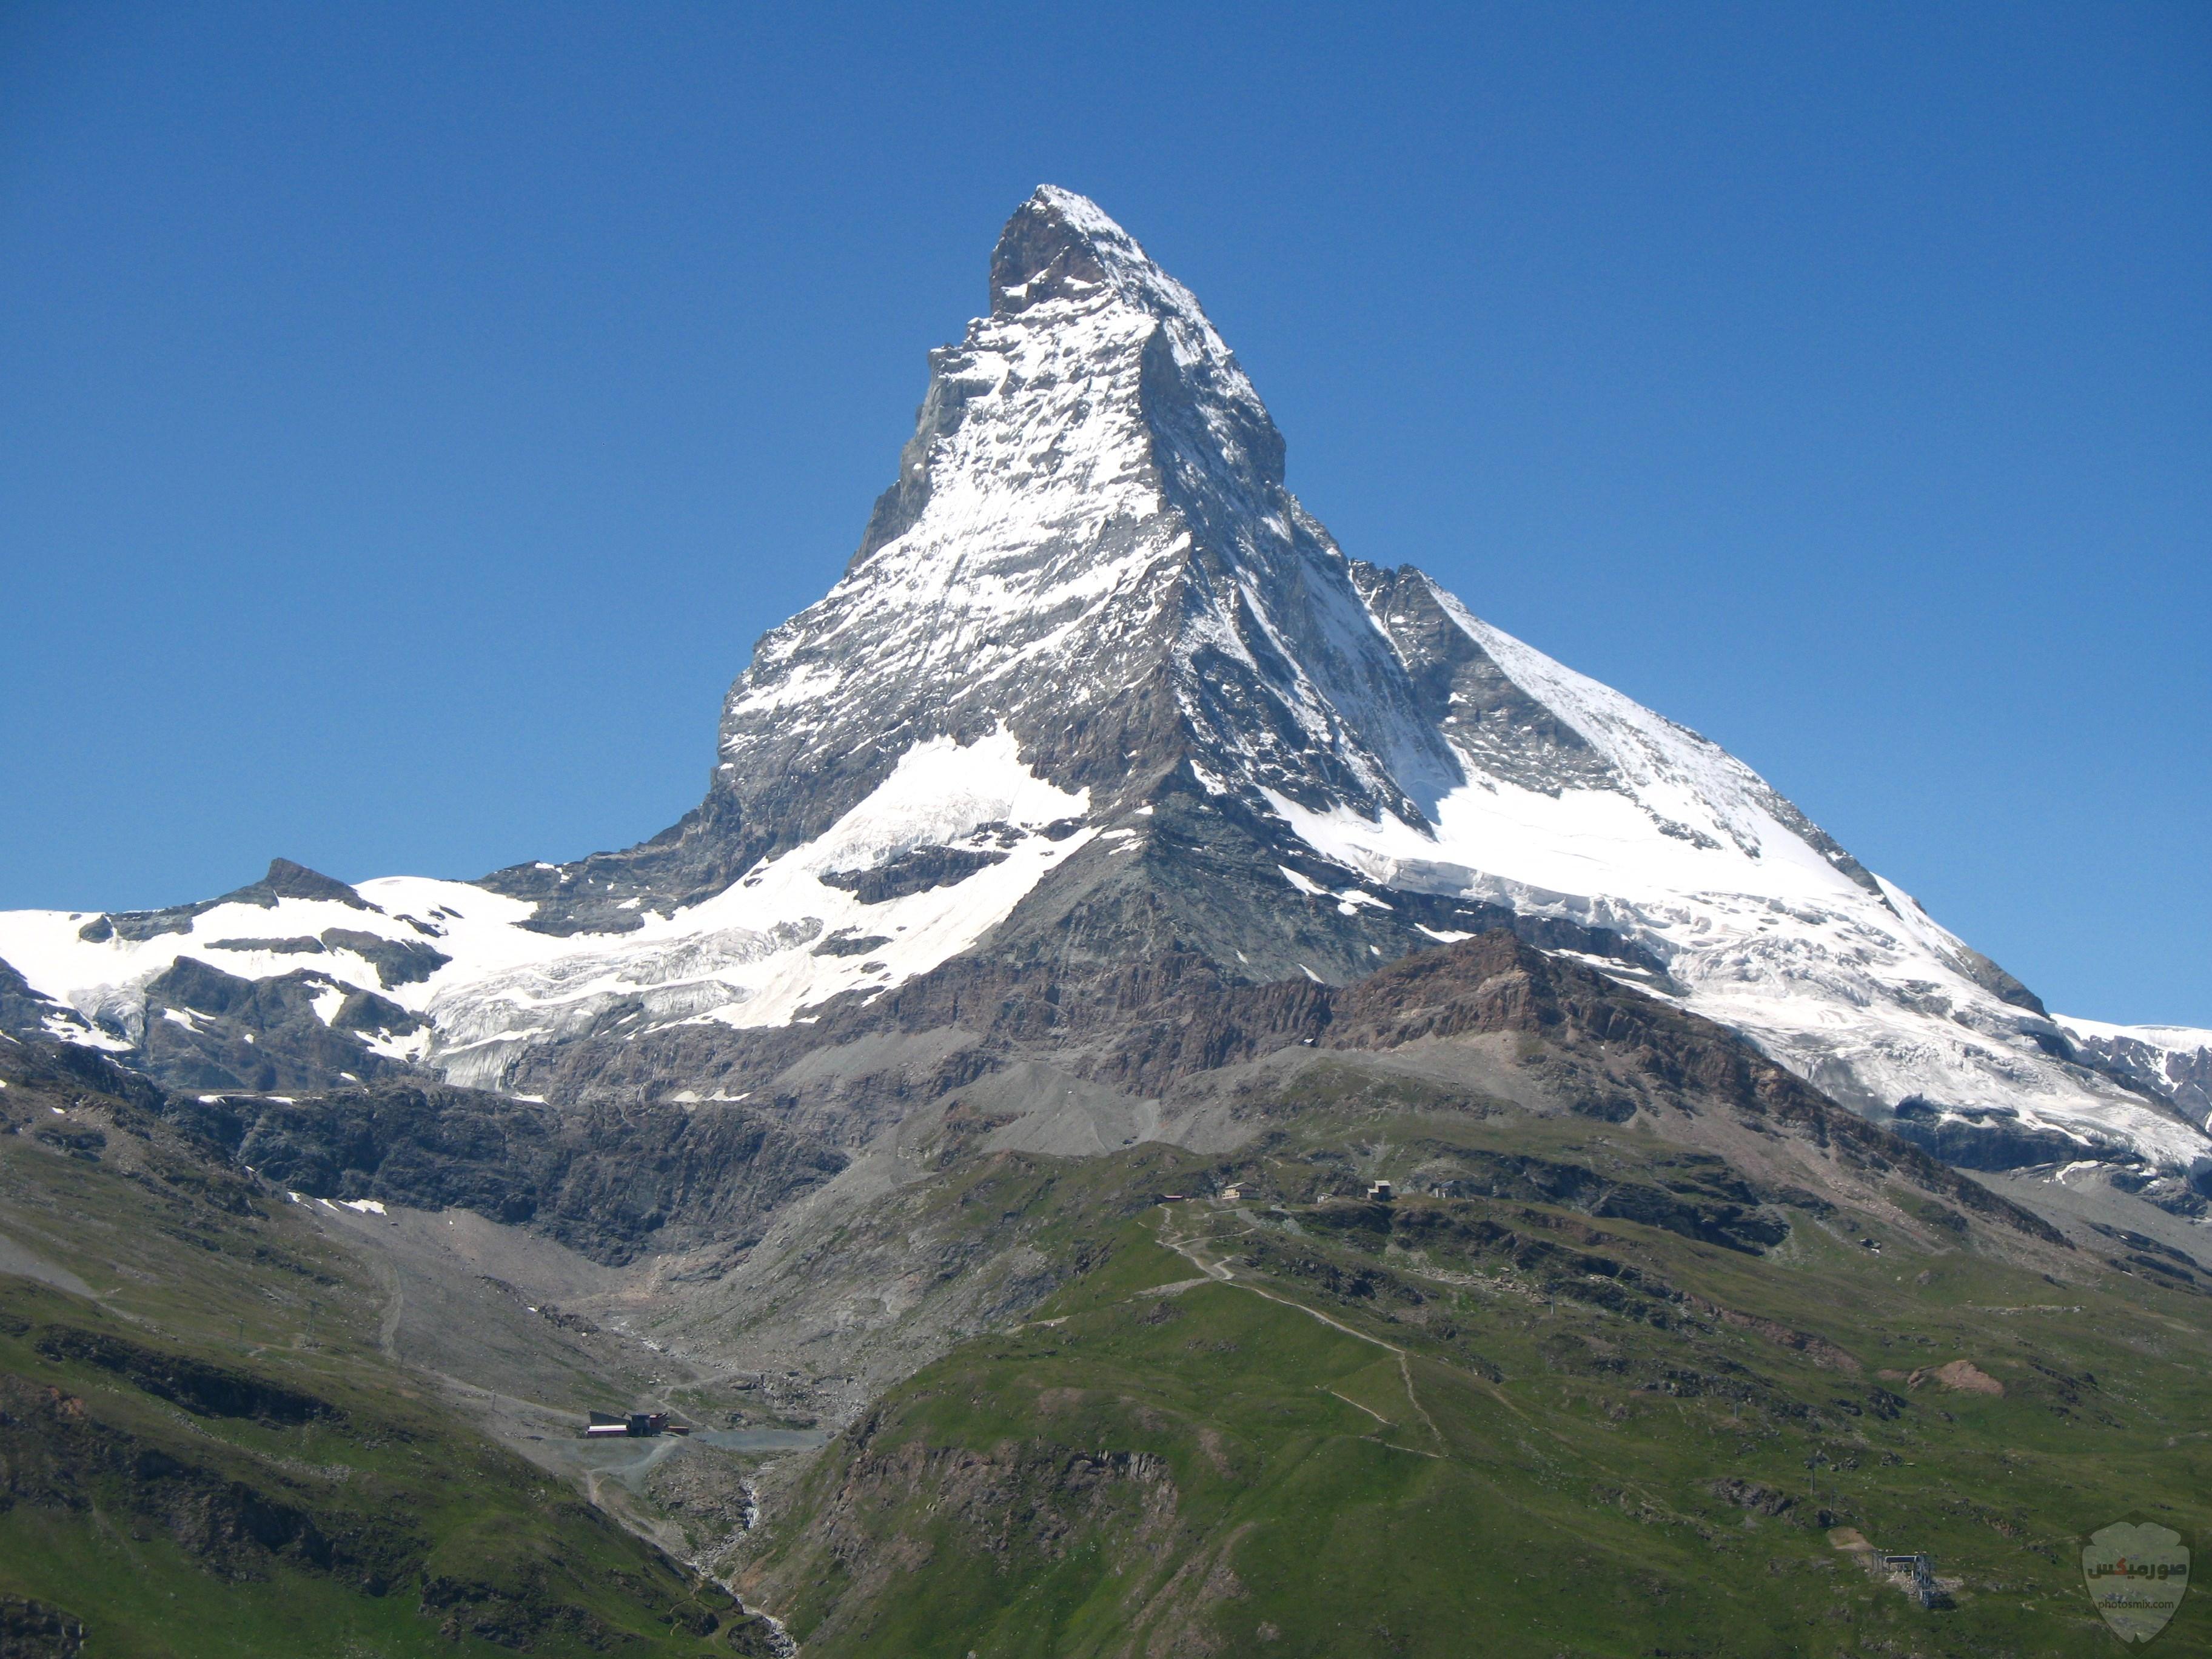 صور وخلفيات جبال وشلالات طبيعية HD خلفيات جبال خضراء وثلجية 31